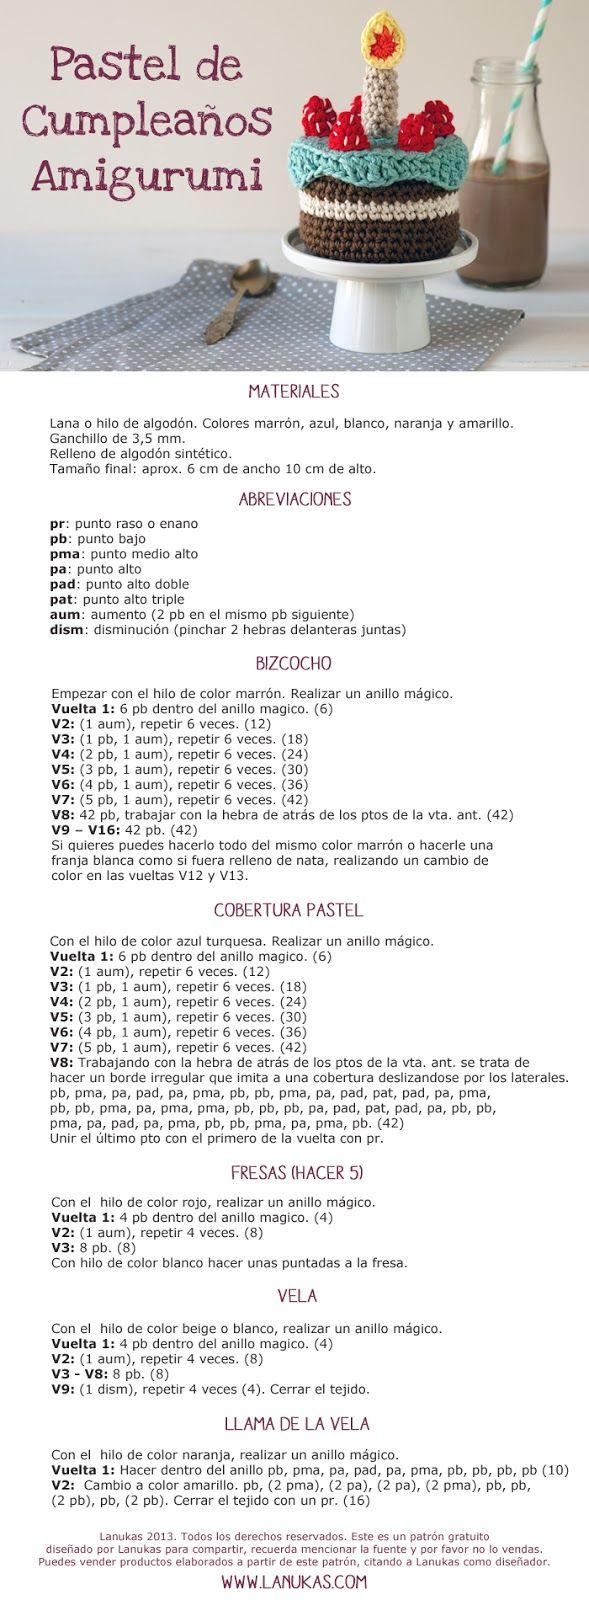 Pastel de Cumpleaños Amigurumi - Patrón Gratis en Español | CROCHET ...